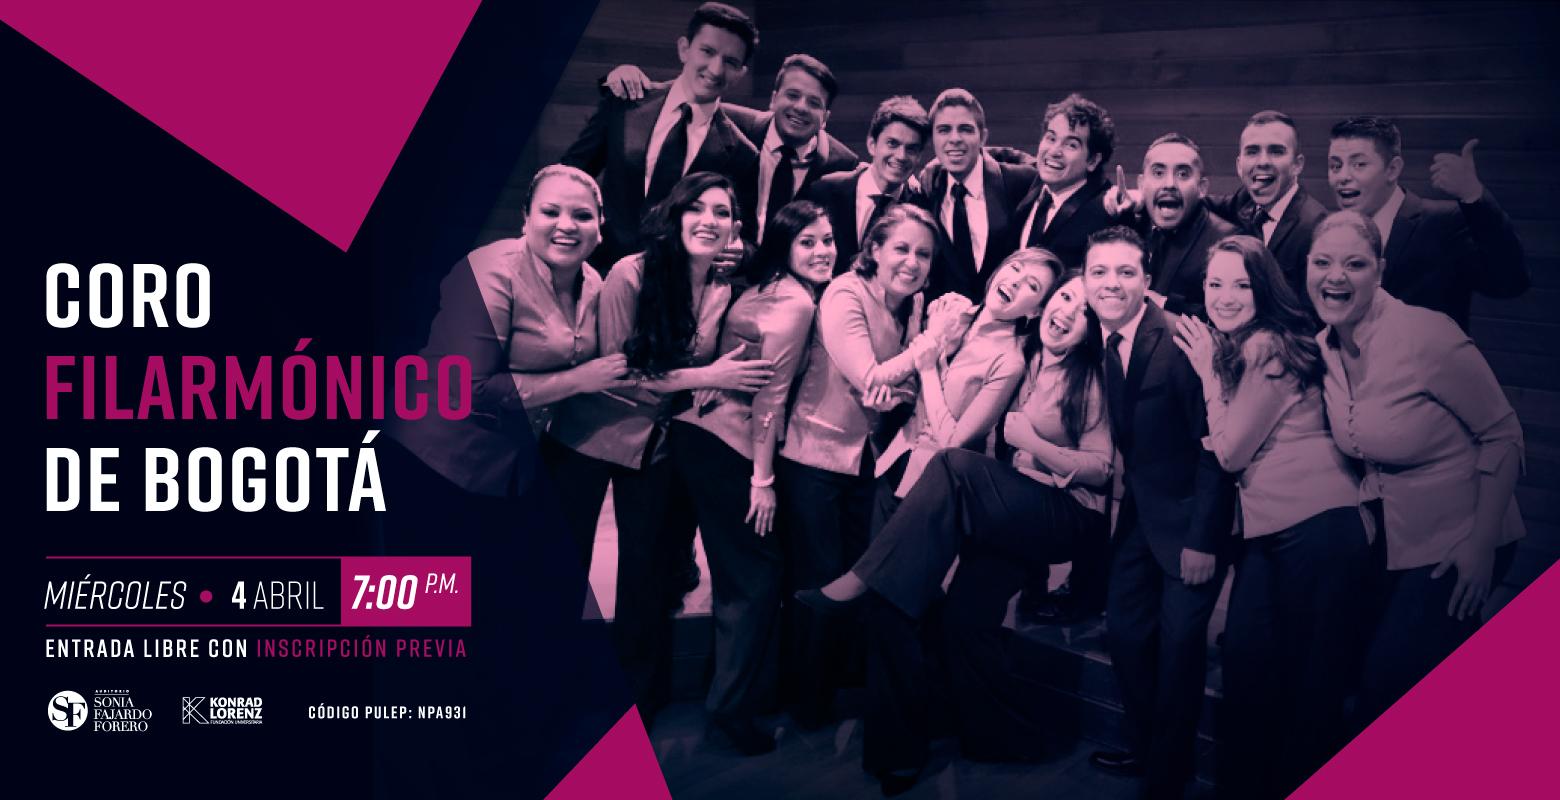 Concierto: Coro filarmónico de Bogotá